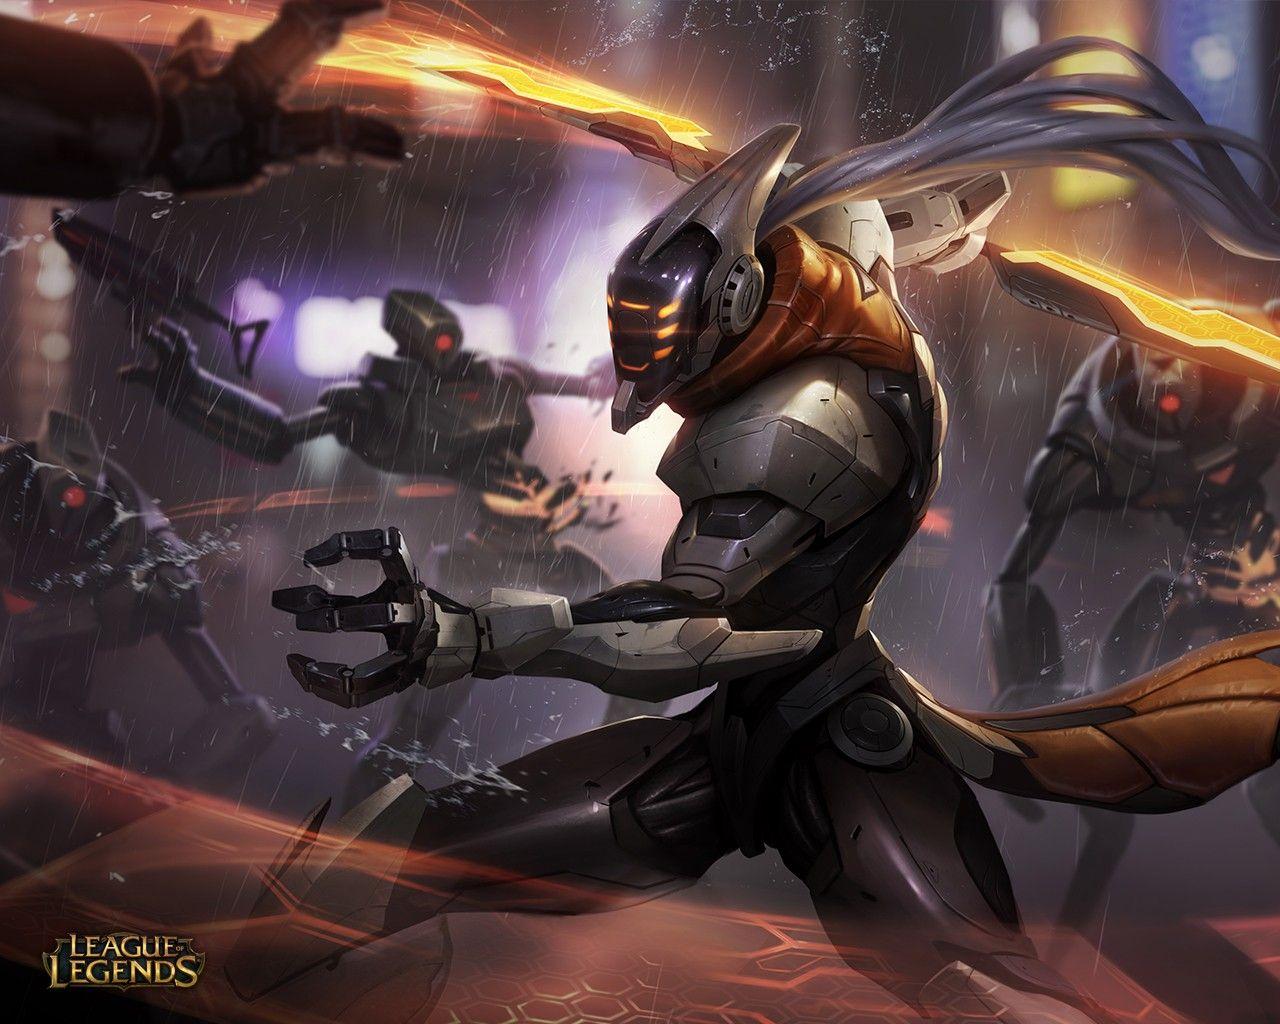 Pin By P E E J Y O U I J A On League Of Legends League Of Legends League Of Legends Poster Poster Prints